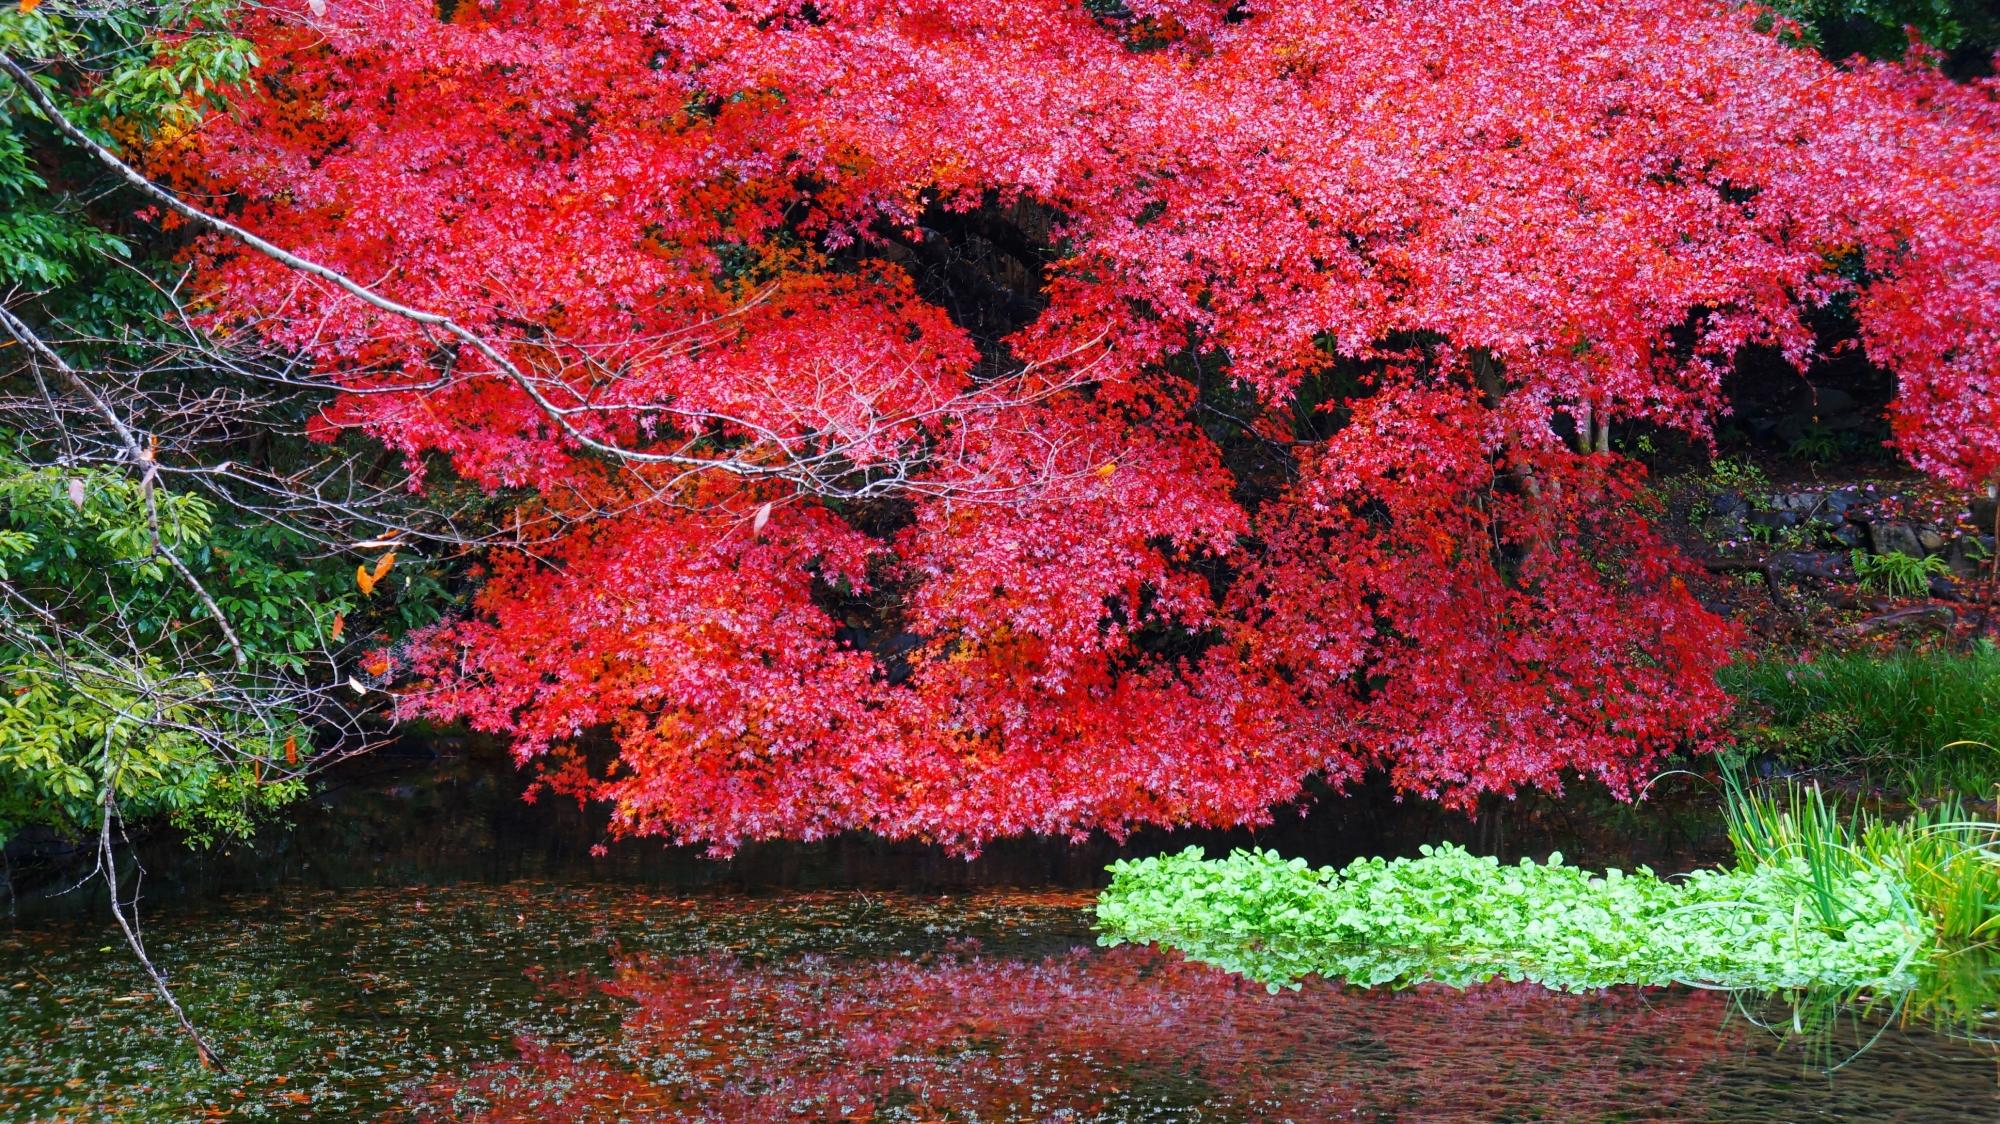 八瀬の緑に映える赤い紅葉